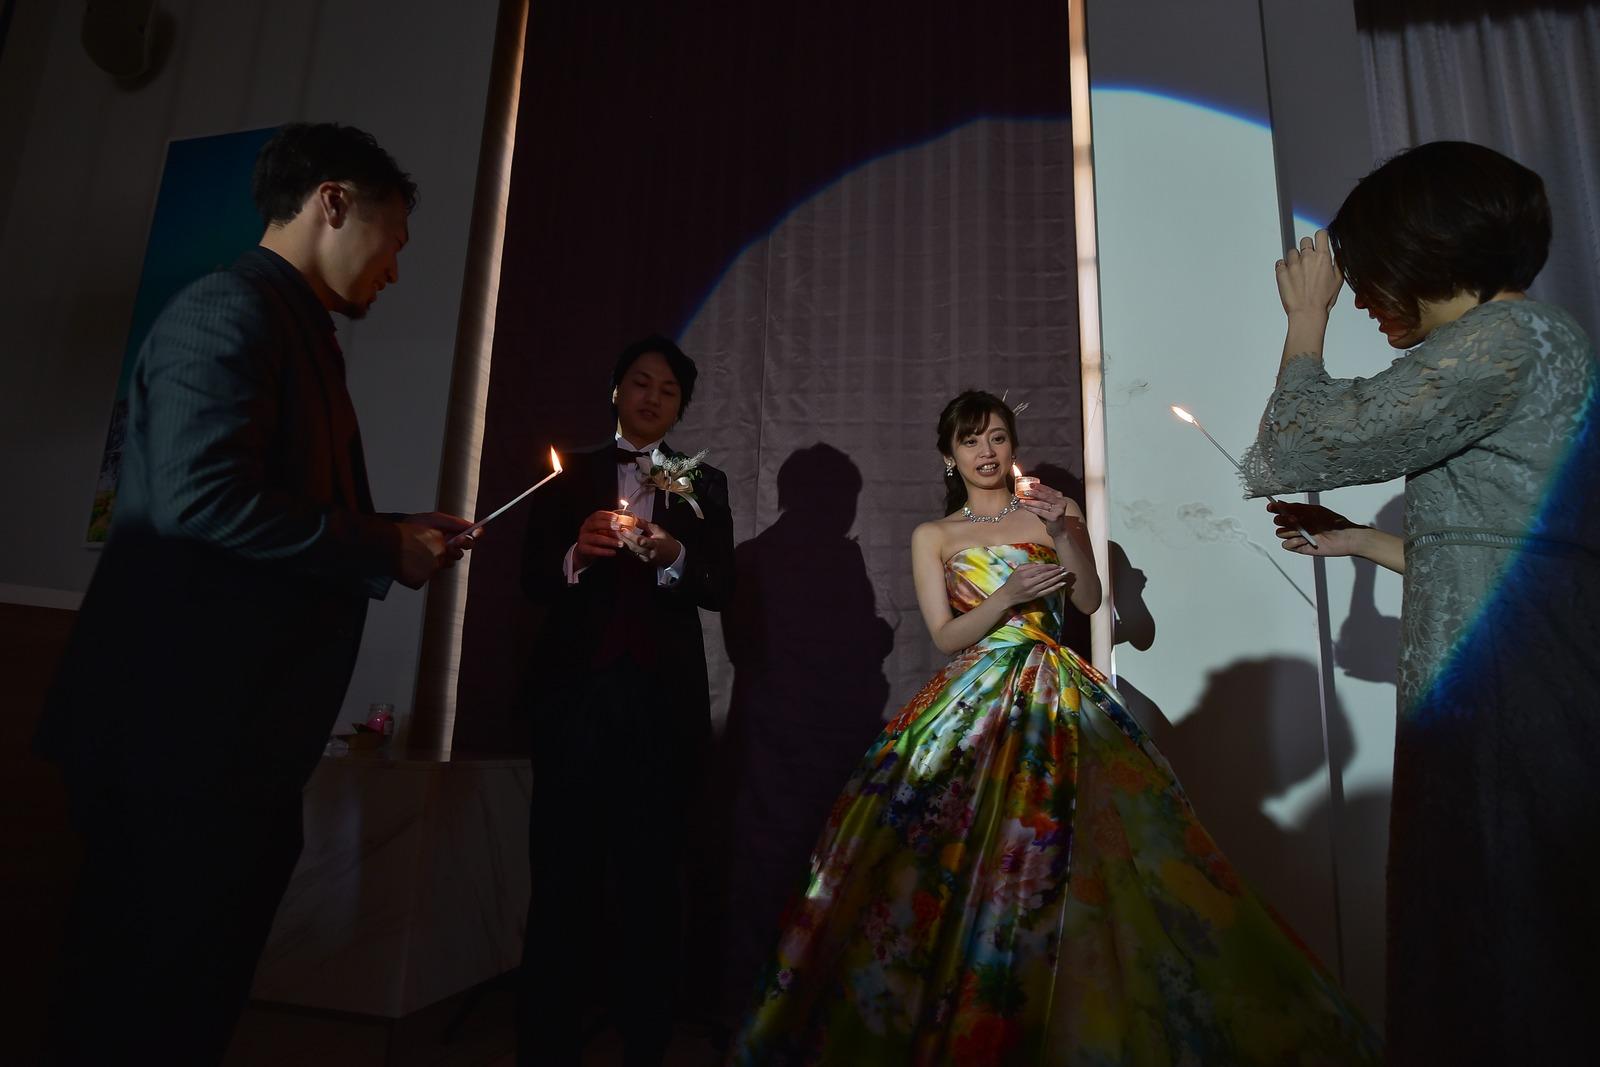 香川県の結婚式場シェルエメール&アイスタイルのキャンドルリレー